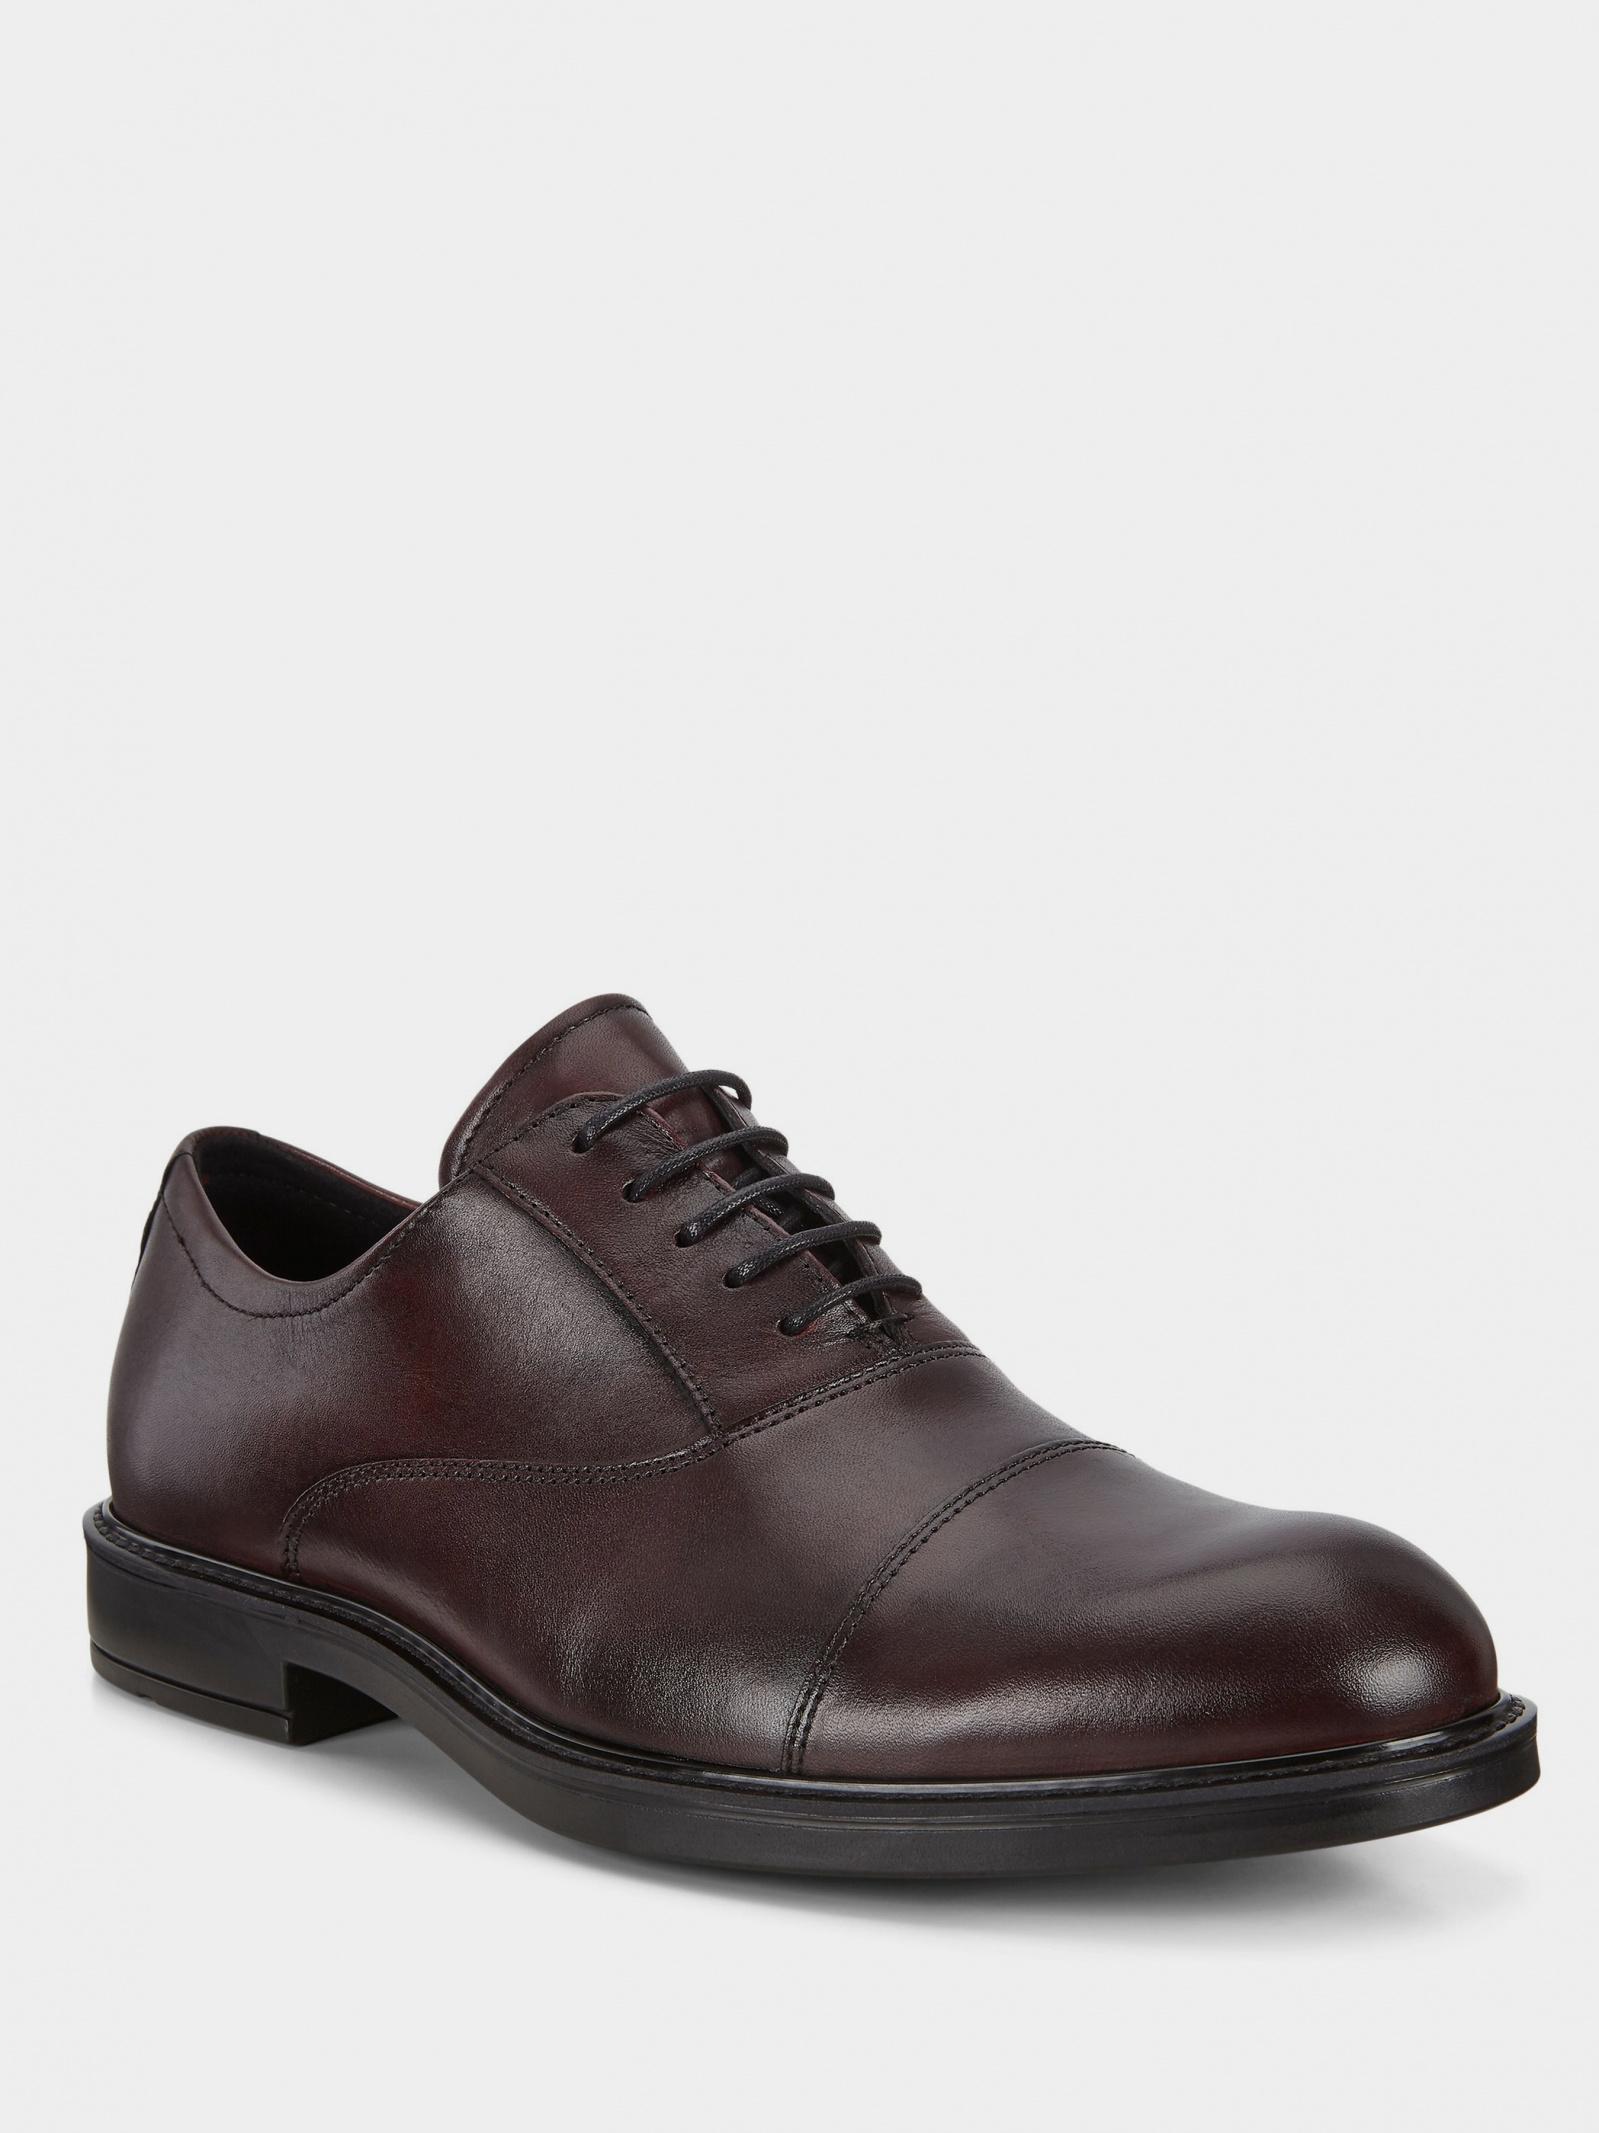 Туфлі  для чоловіків ECCO 64061401480 брендове взуття, 2017